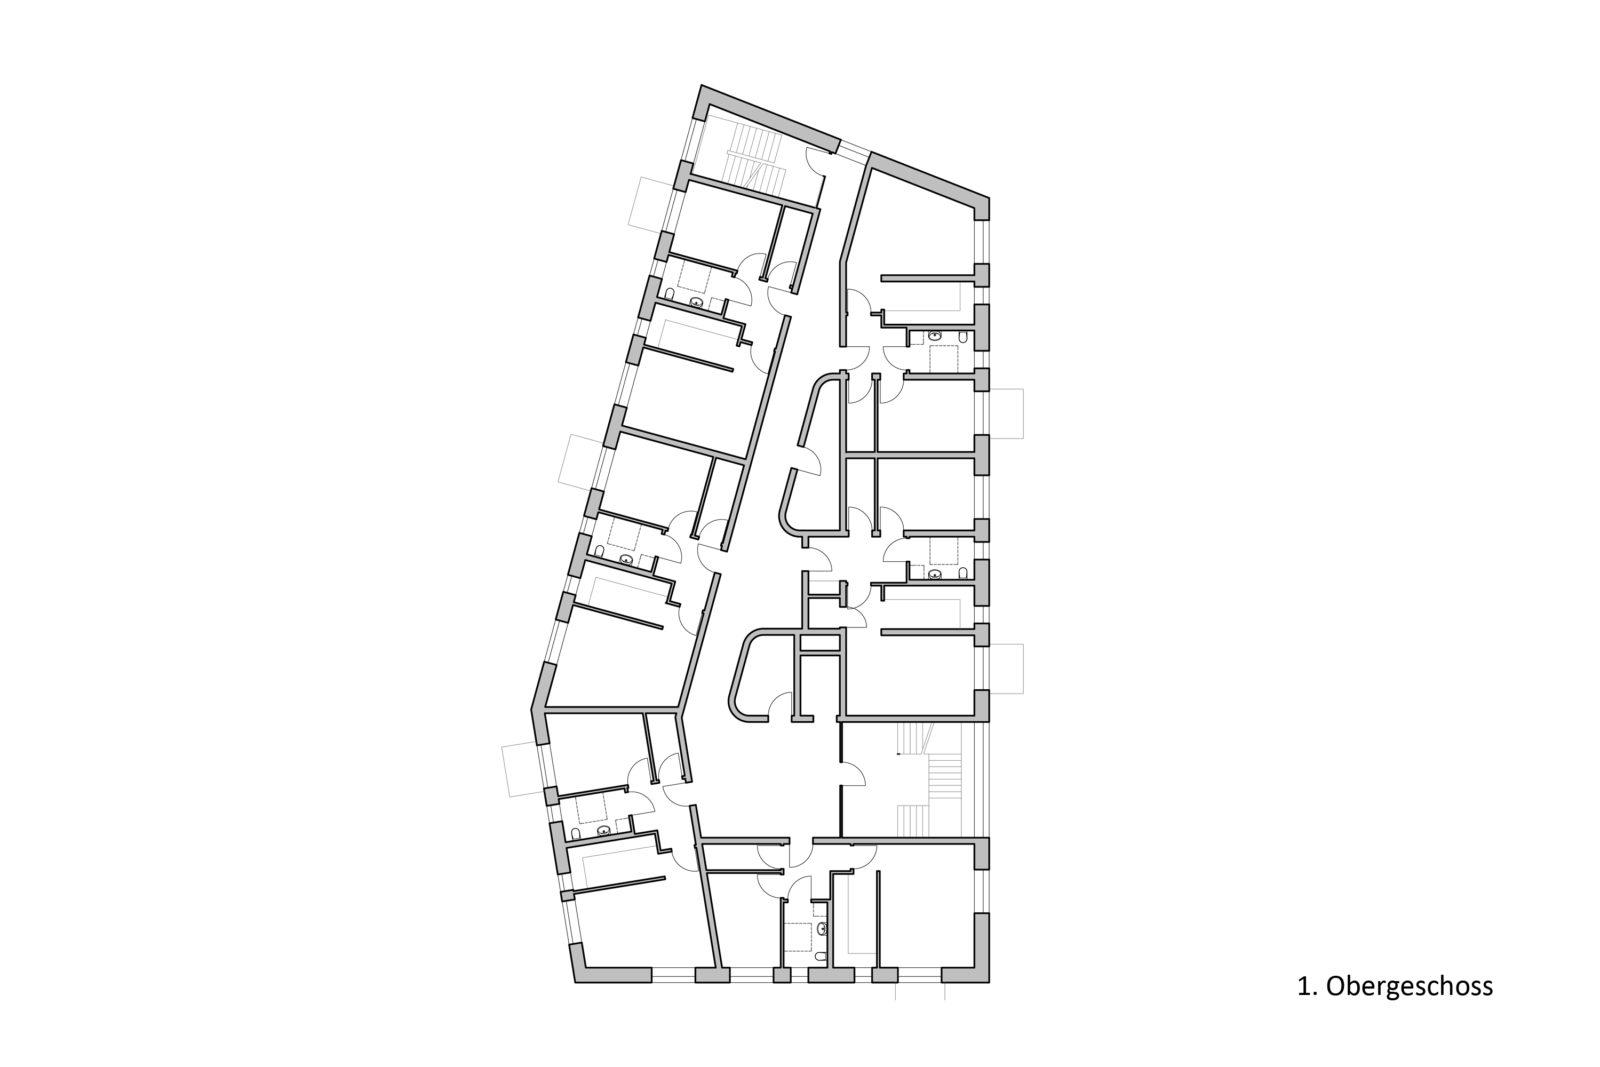 Neubau Altenwohnheim in Leipzig, Eutritzsch - 1. Obergeschoss